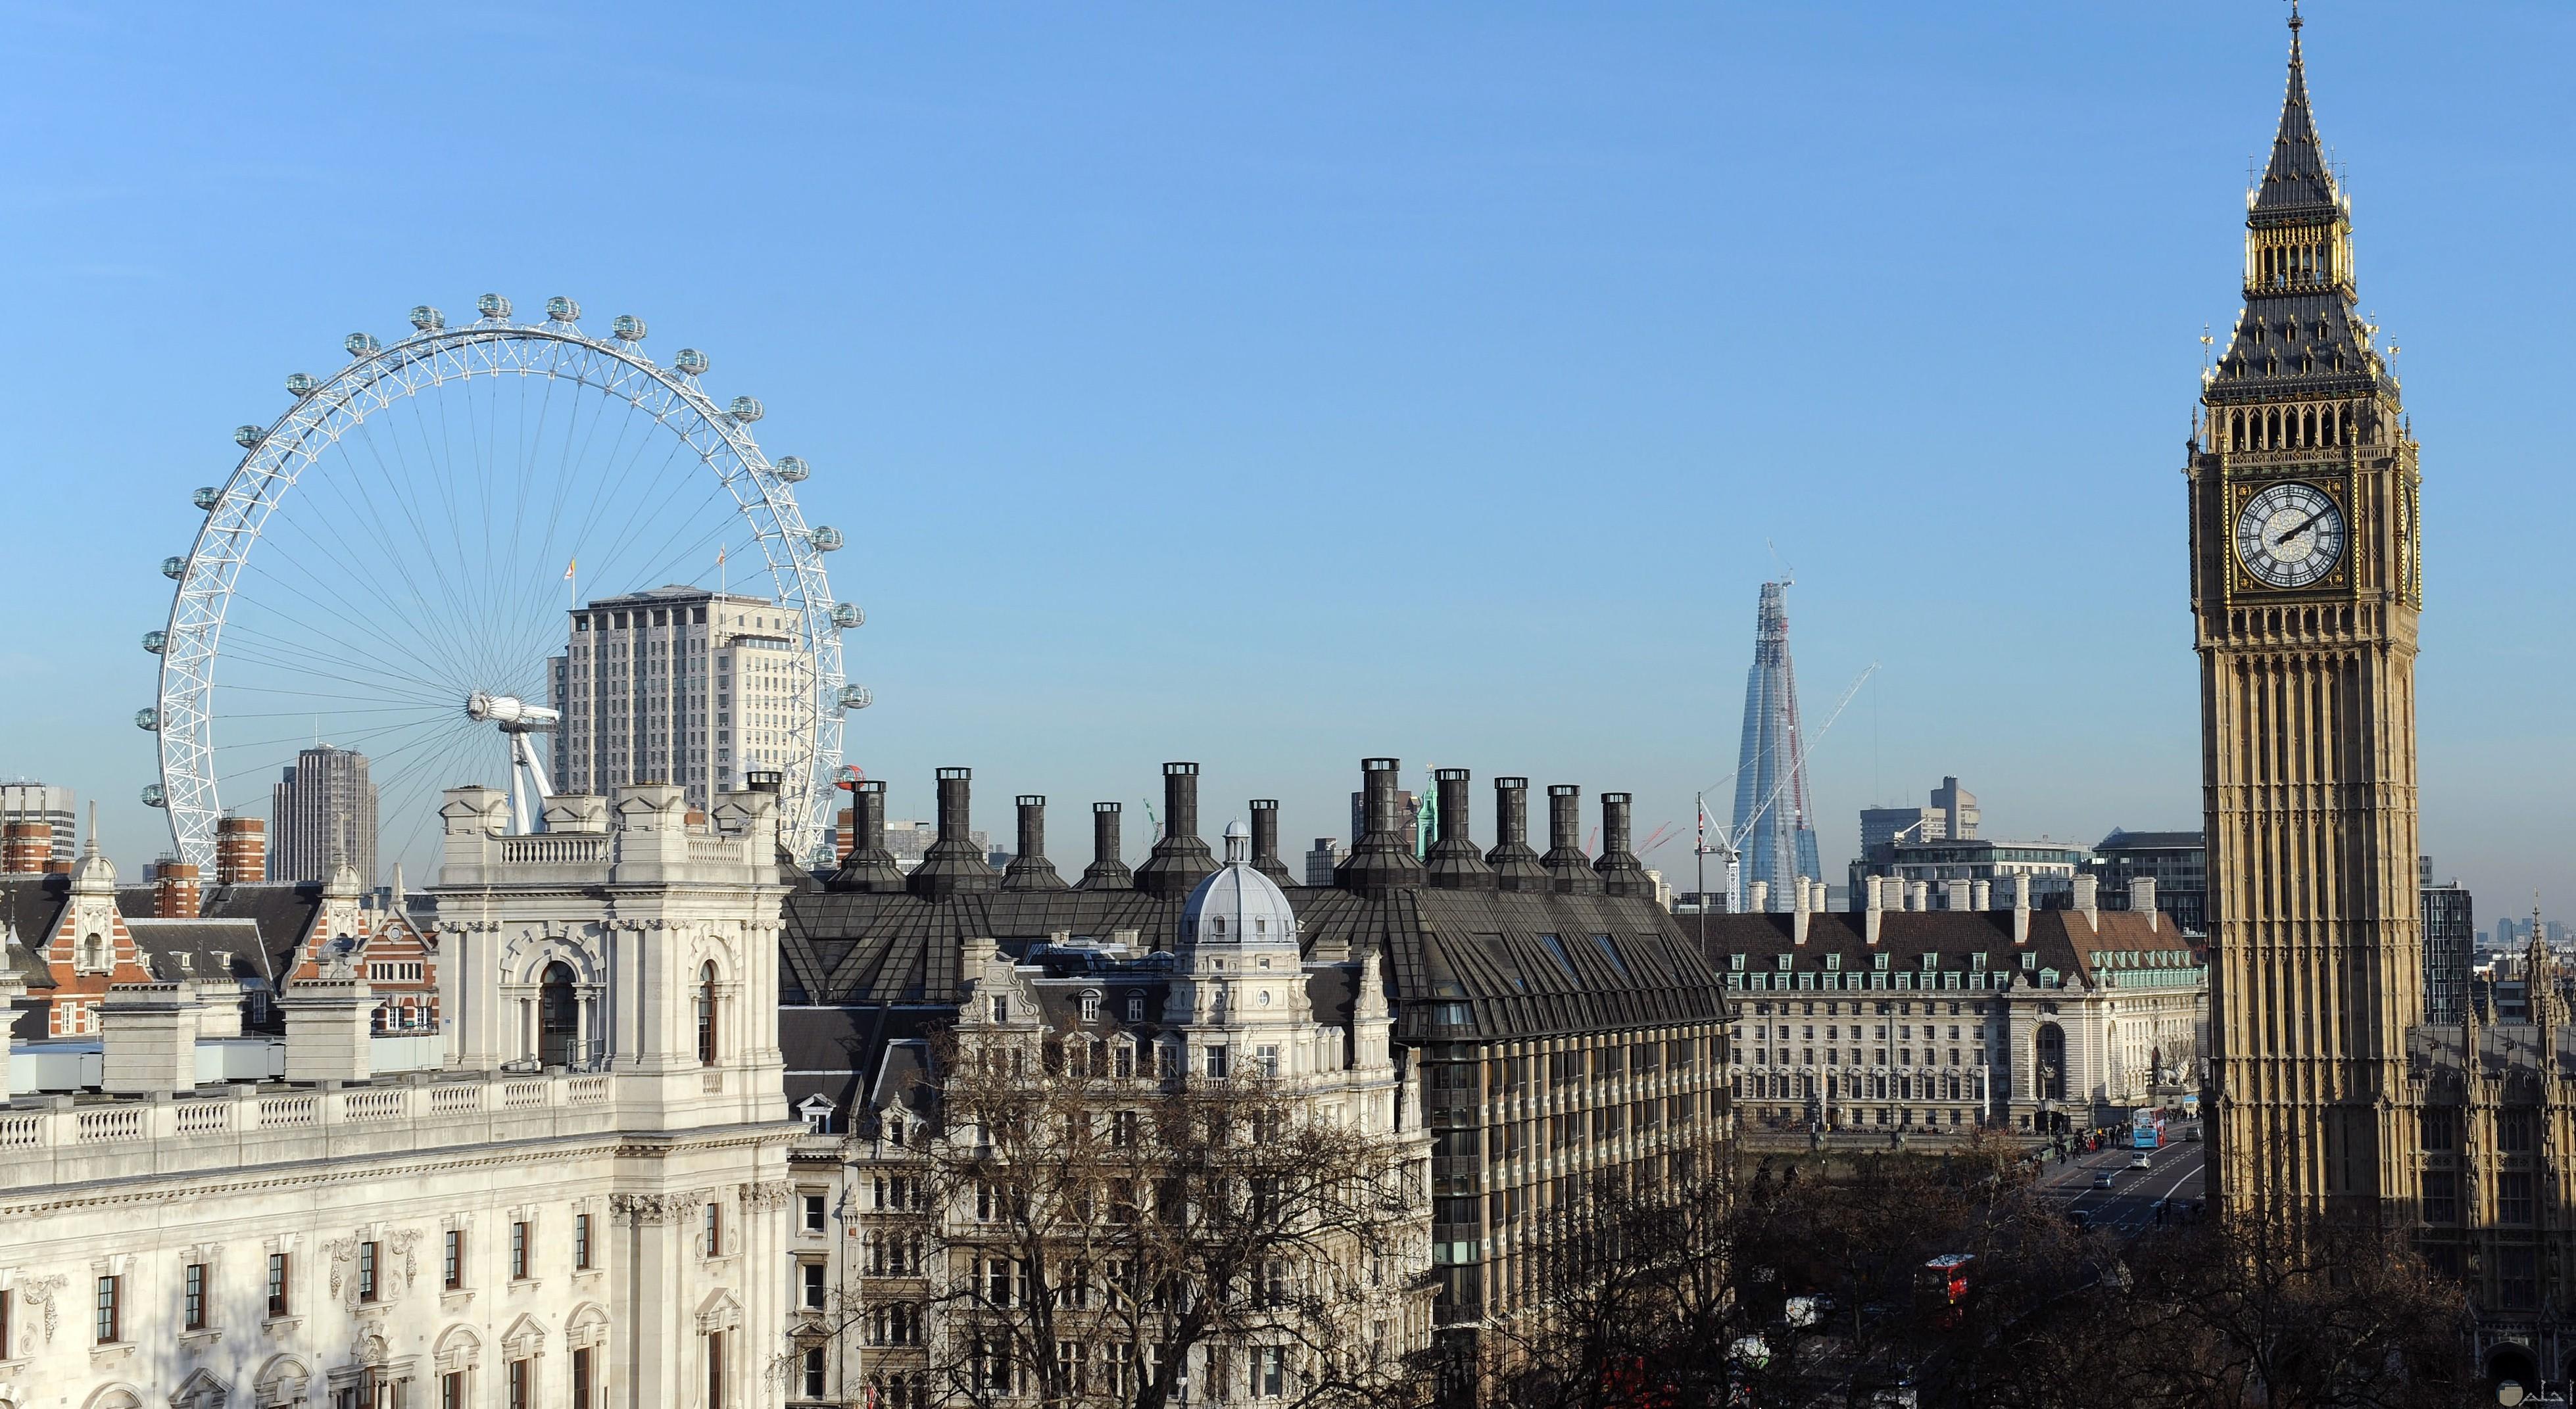 صورة تظهر الساعة المشهورة بلندن وعجلة عين لندن الضخمة بوقت النهار